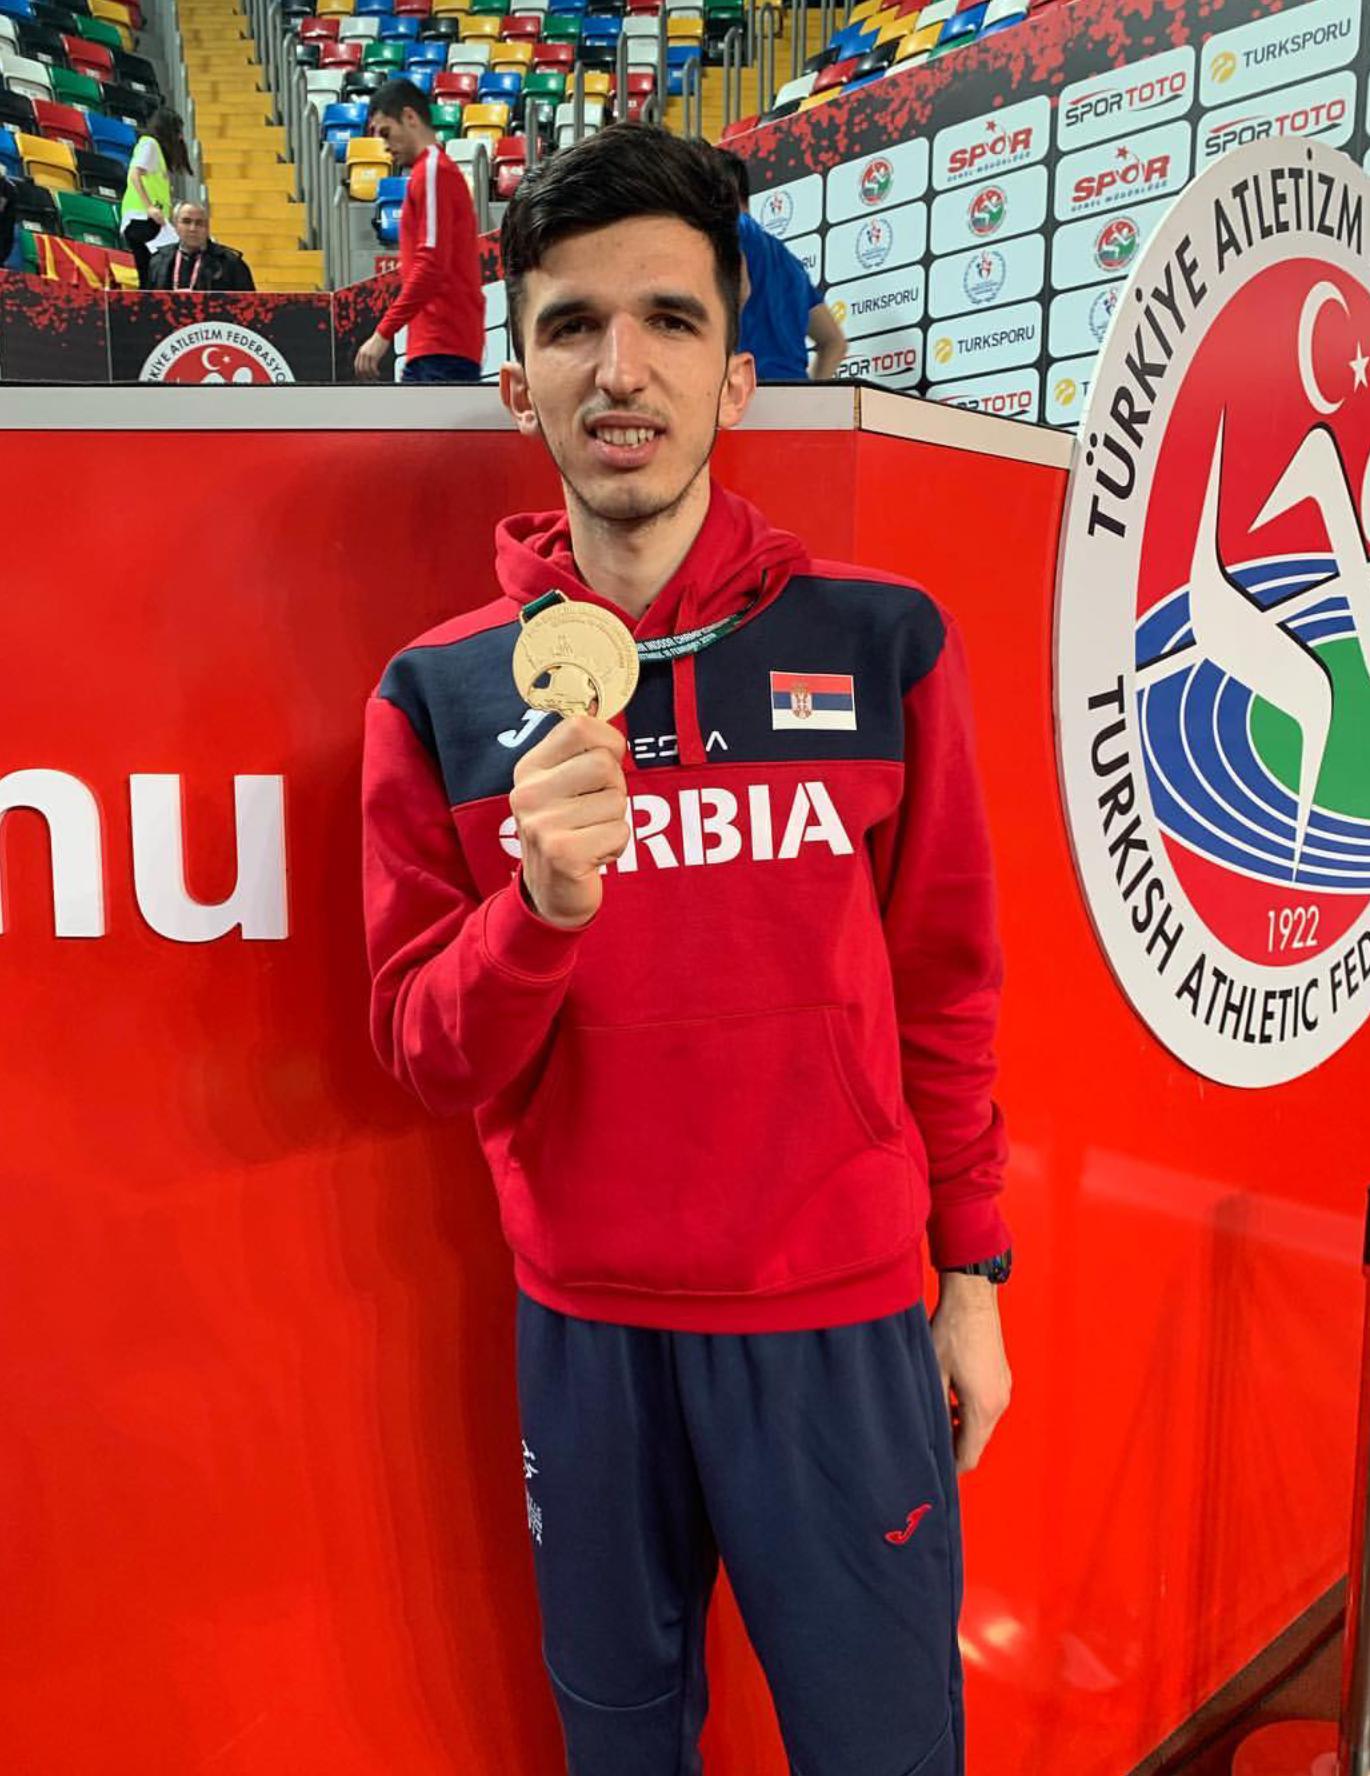 Elzan Bibić, zlatna medalja na dvoranskoj balkanijadi 2019